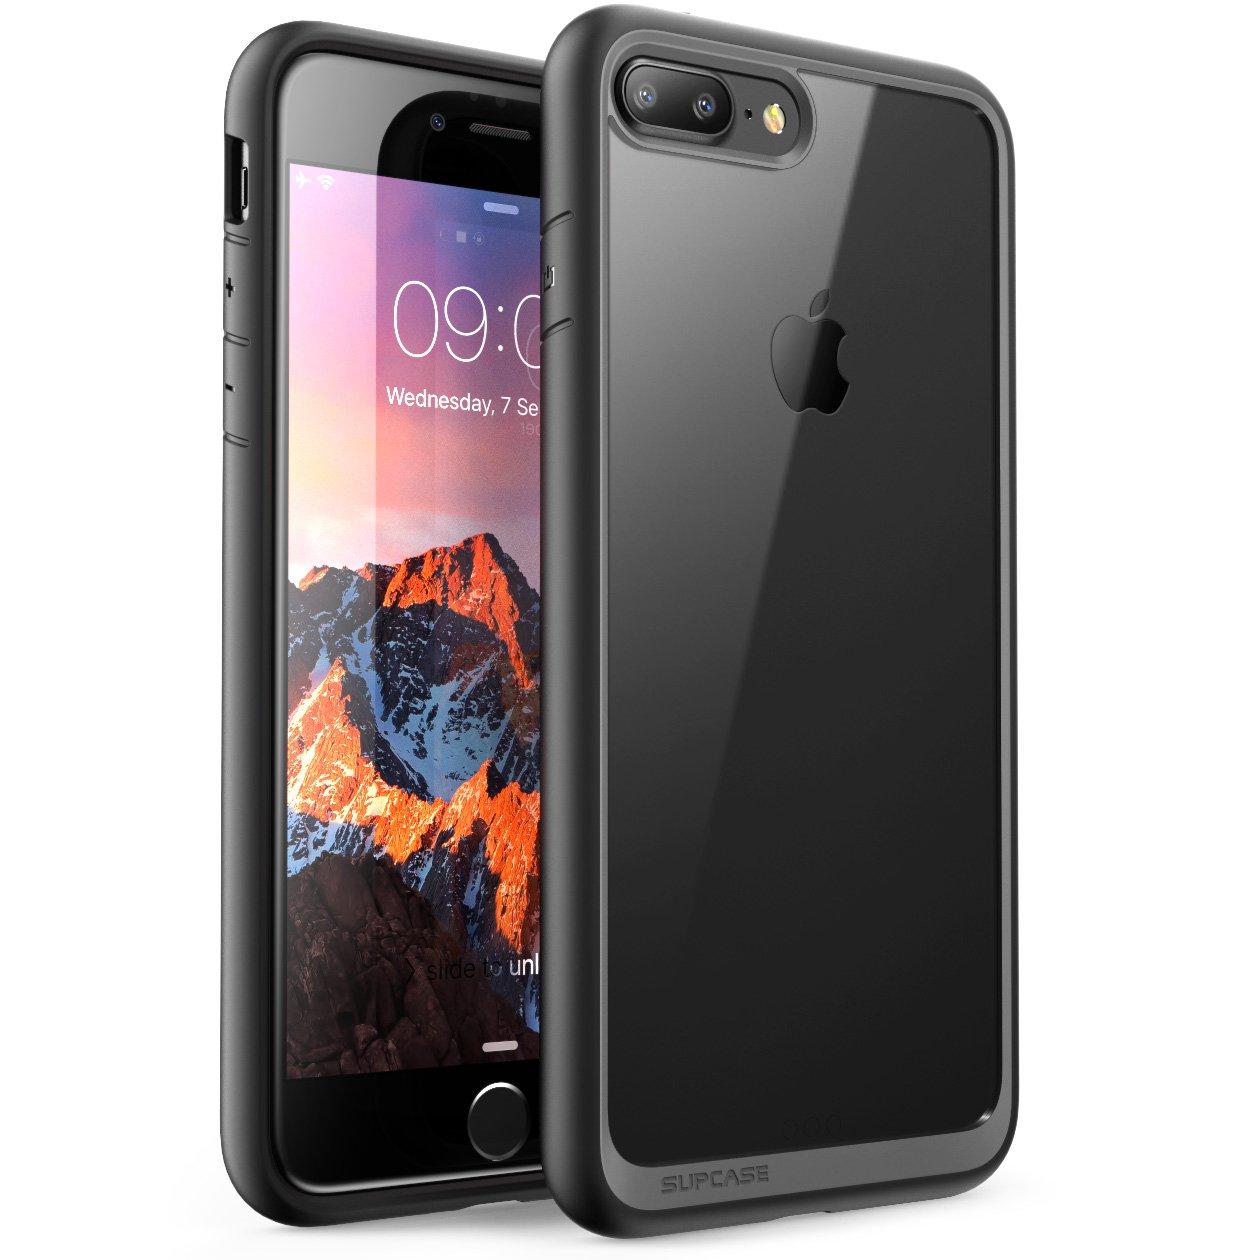 top rated iphone 7 plus case amazon comiphone 7 plus case, iphone 8 plus case, supcase unicorn beetle style premium hybrid